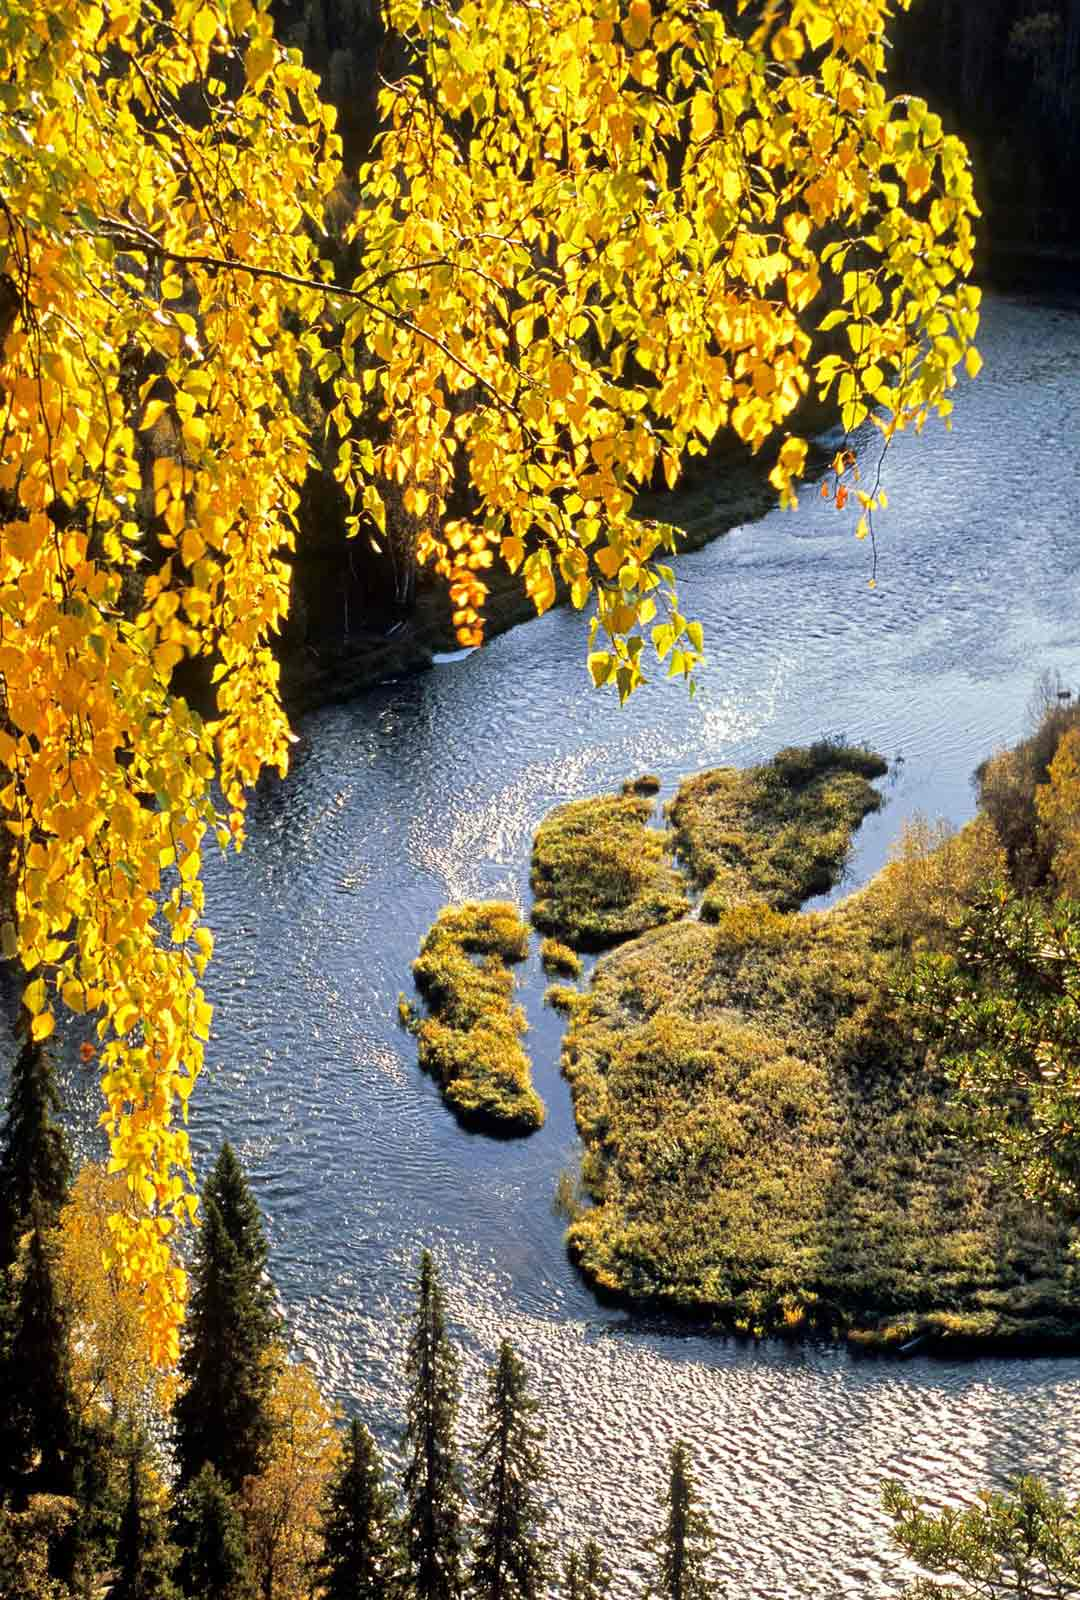 Kuusamo on luontokuvauksen aarreaitta. Maisema Päähkänäkalliolta kitkajoelle on yksi Suomen kauneimpia.